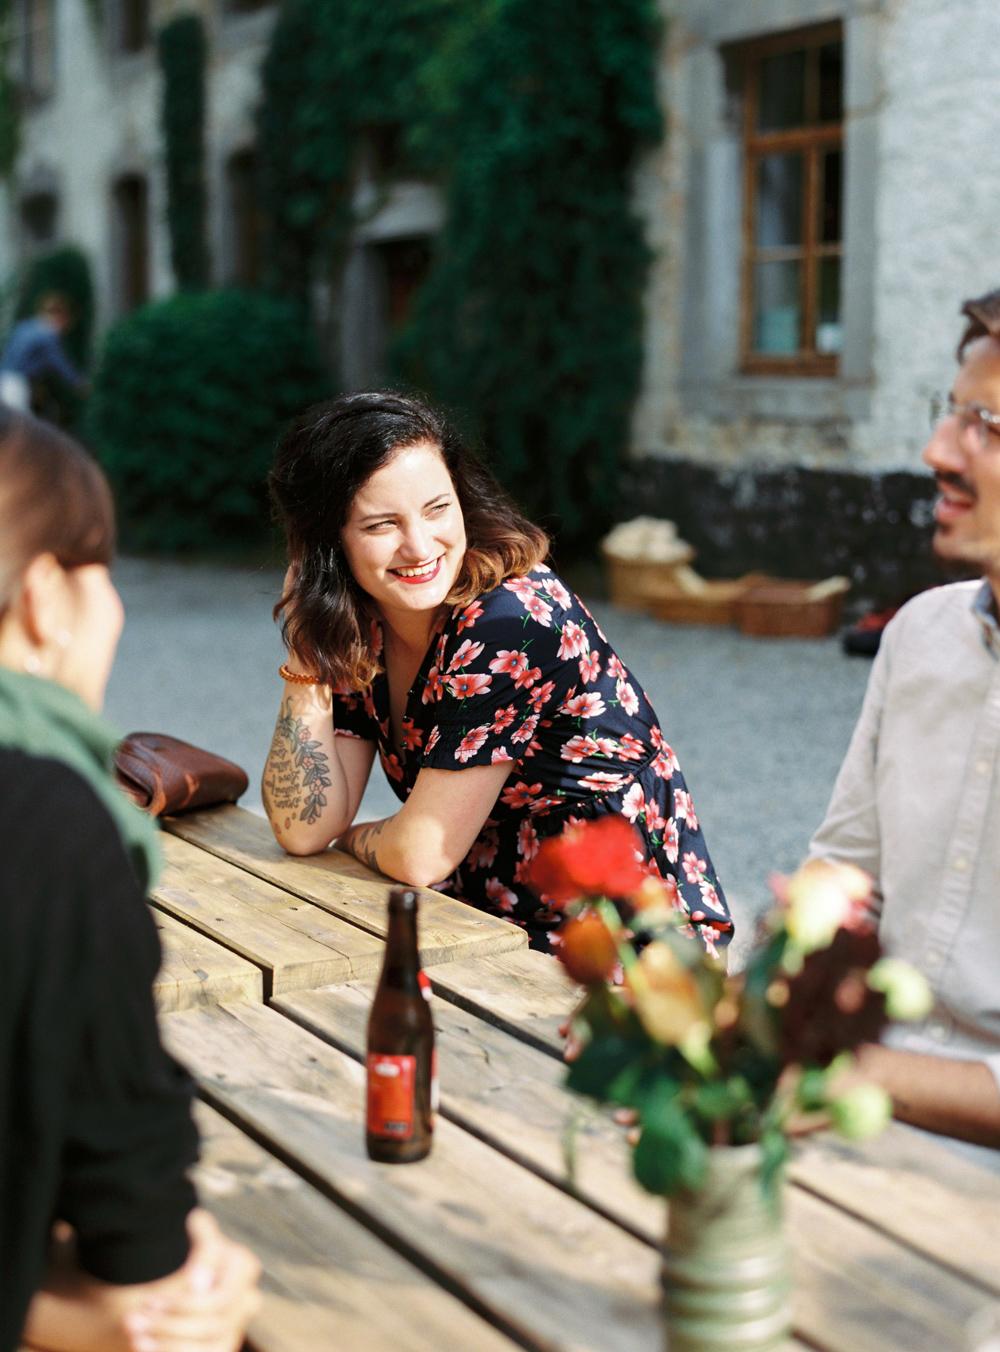 camp sol wedding weekend - wesley nulens-2.jpg